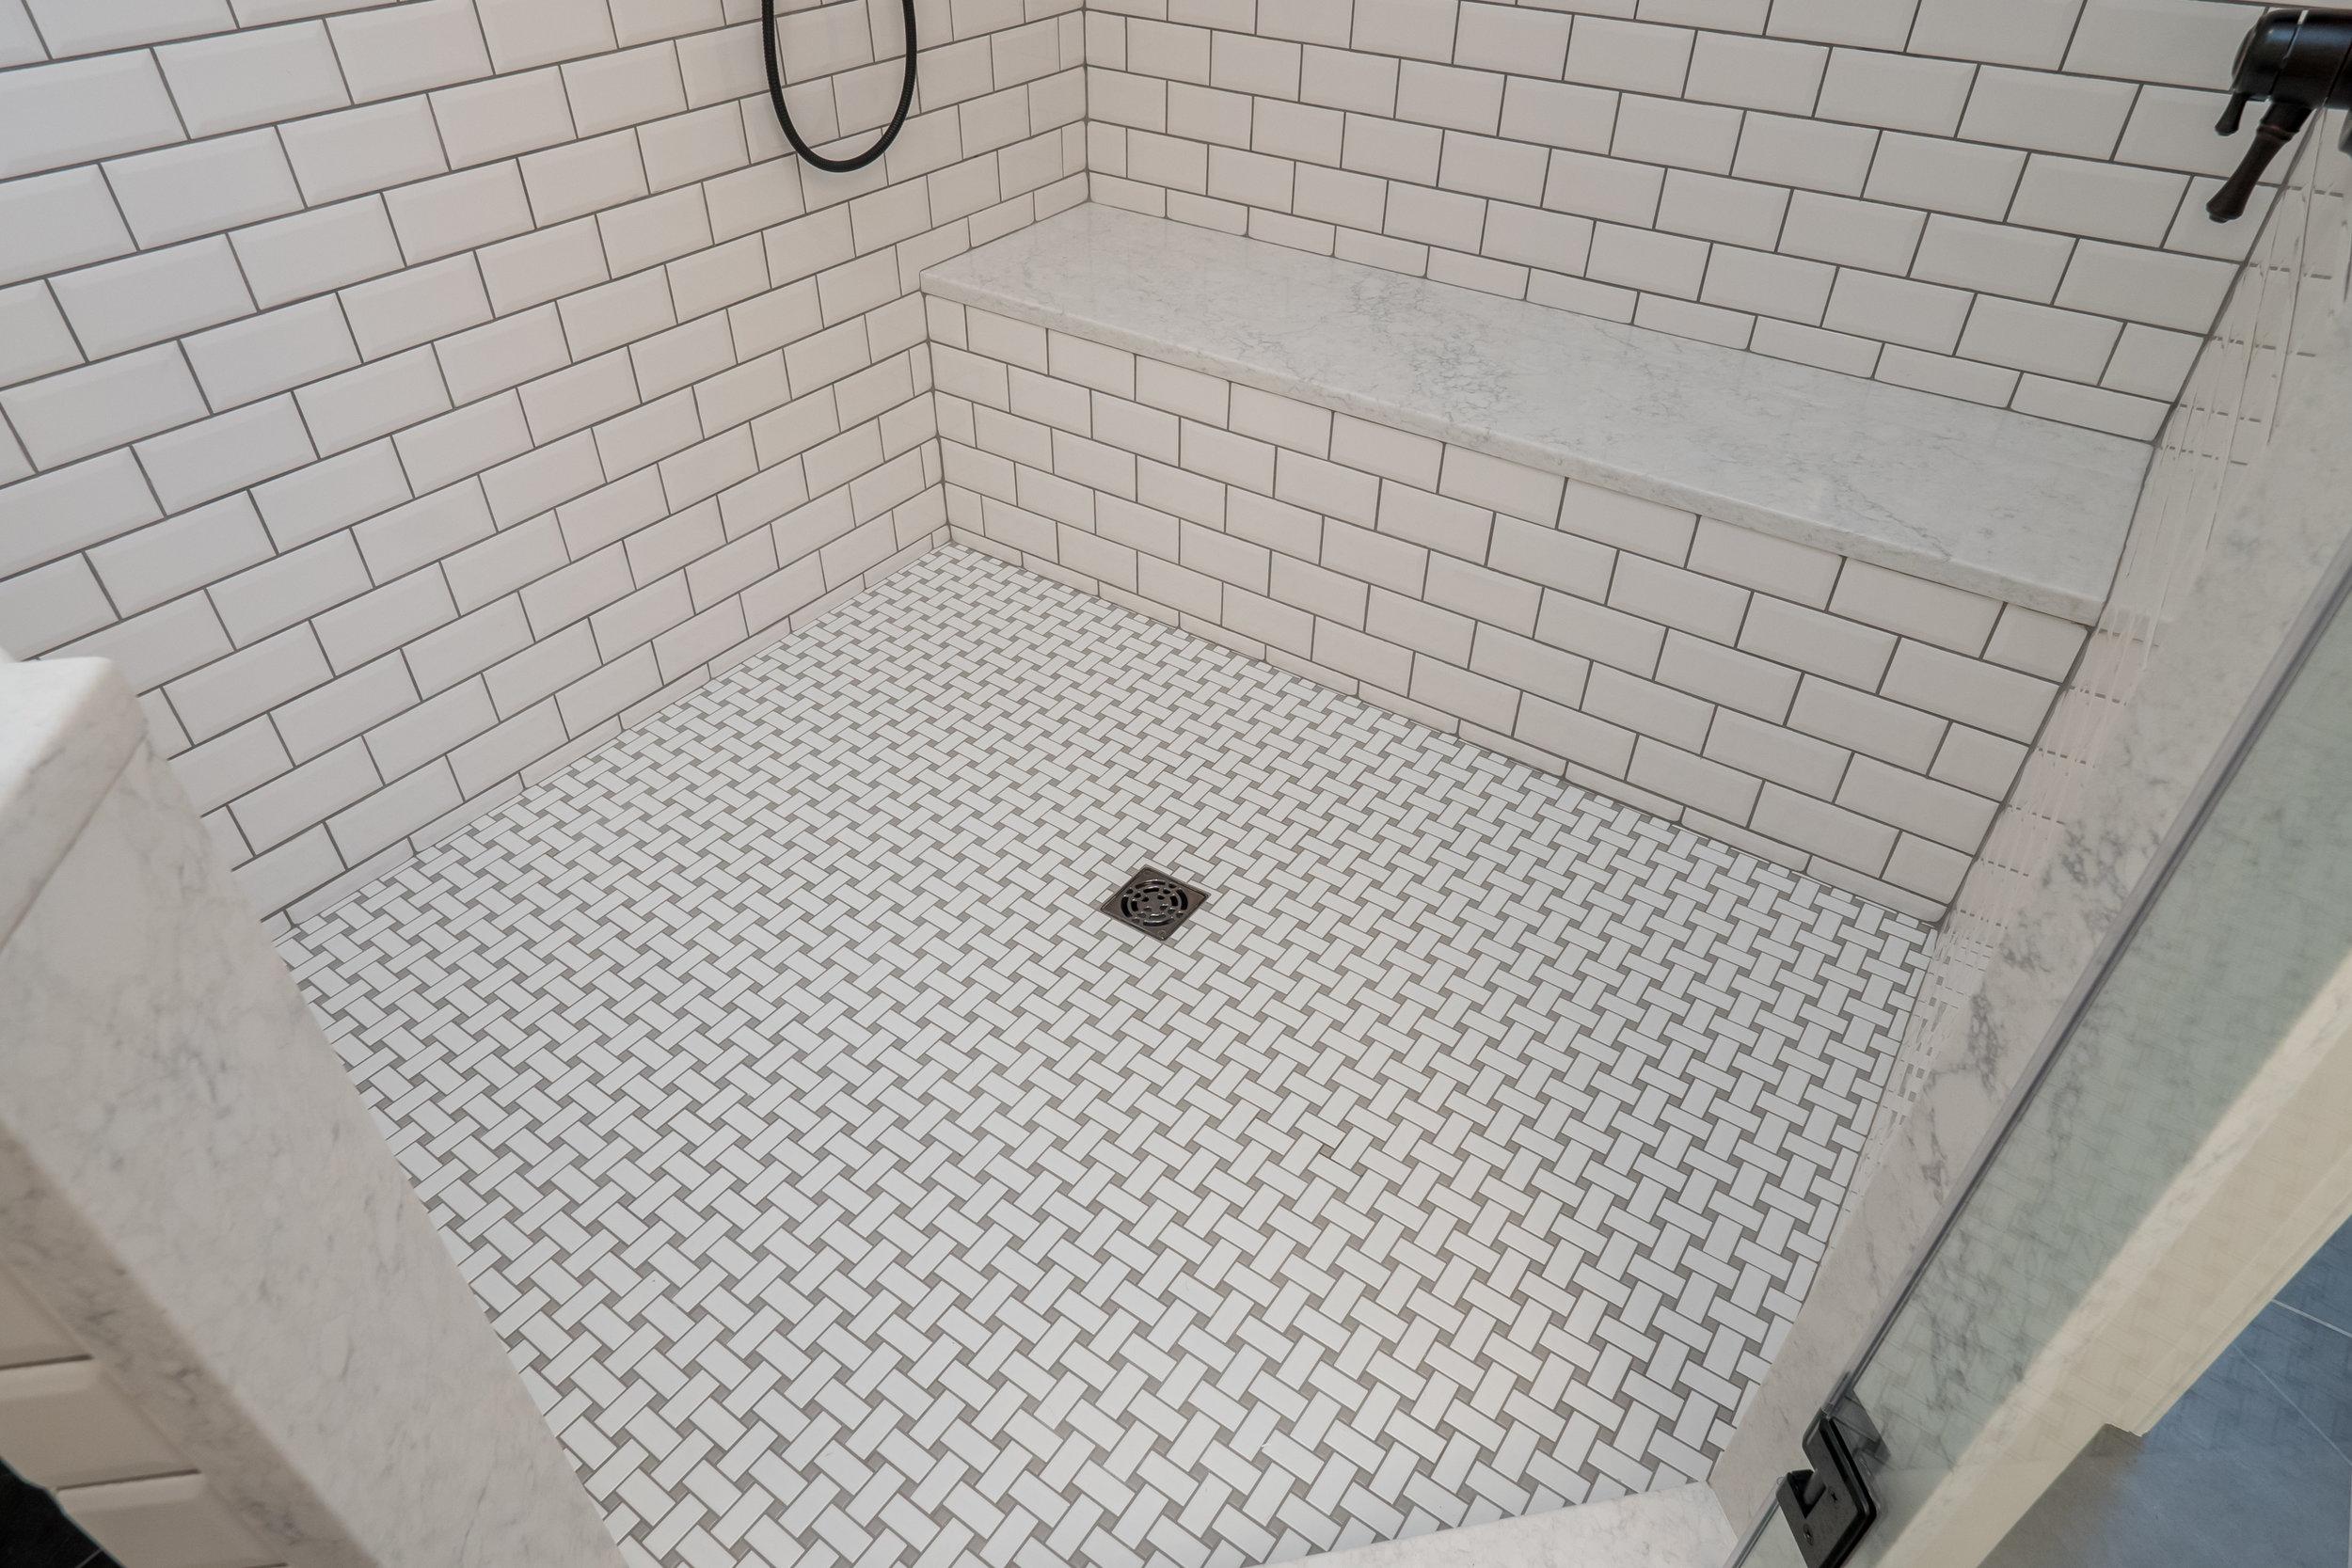 classy bathroom remodel + chesapeake + shower tile+ benson Homes.jpg